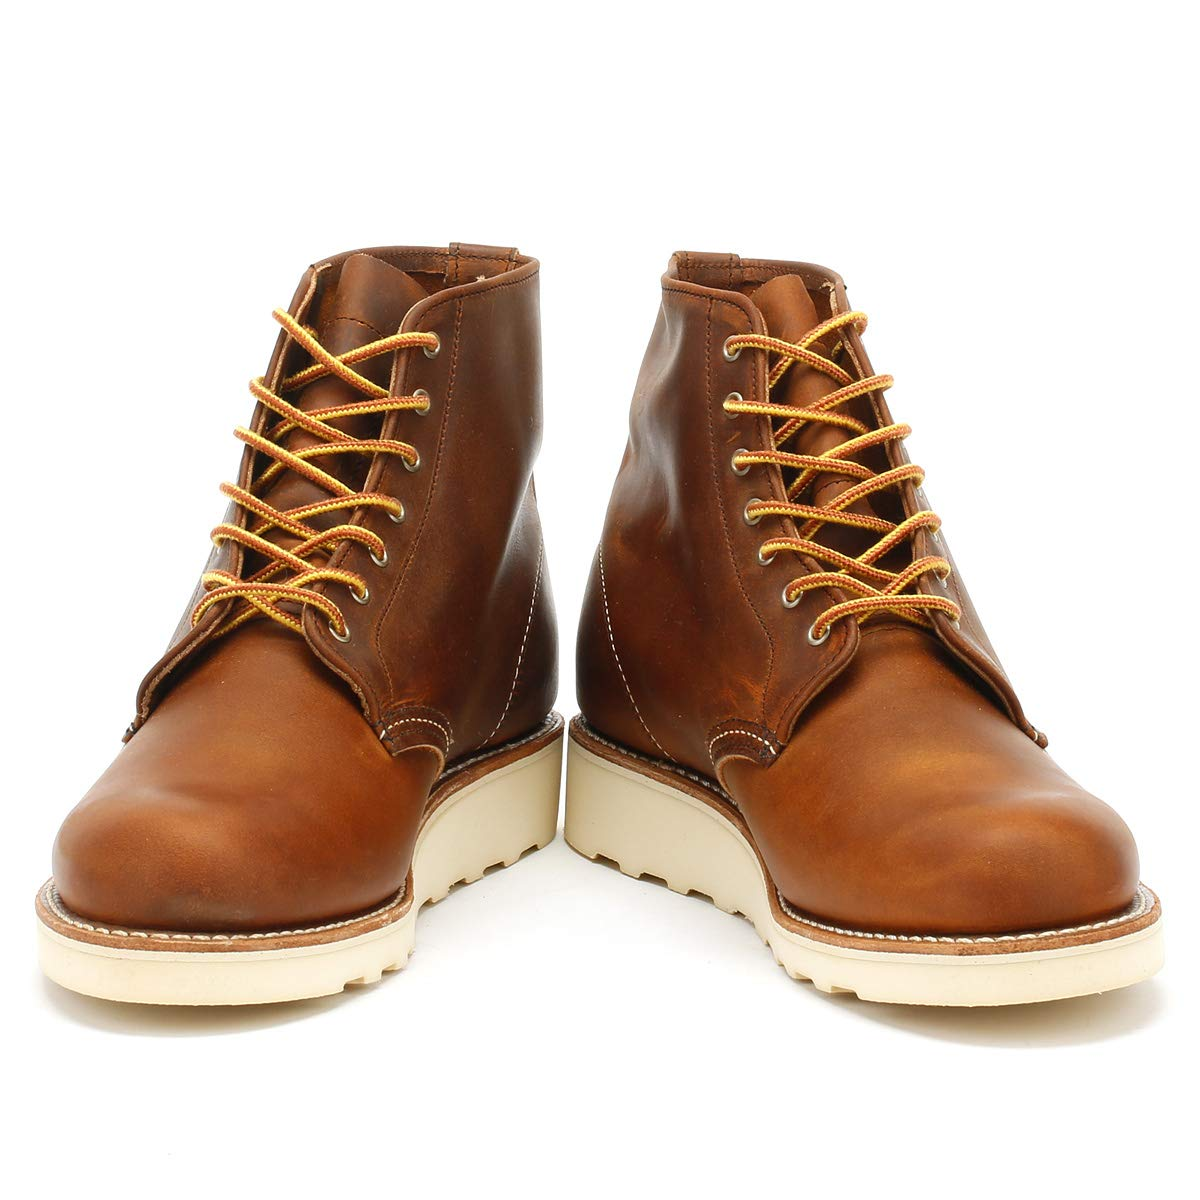 Rot Wing Schuhe Schuhe Schuhe Round Toe Braun Copper Damen Stiefel-UK 7 2cabcd